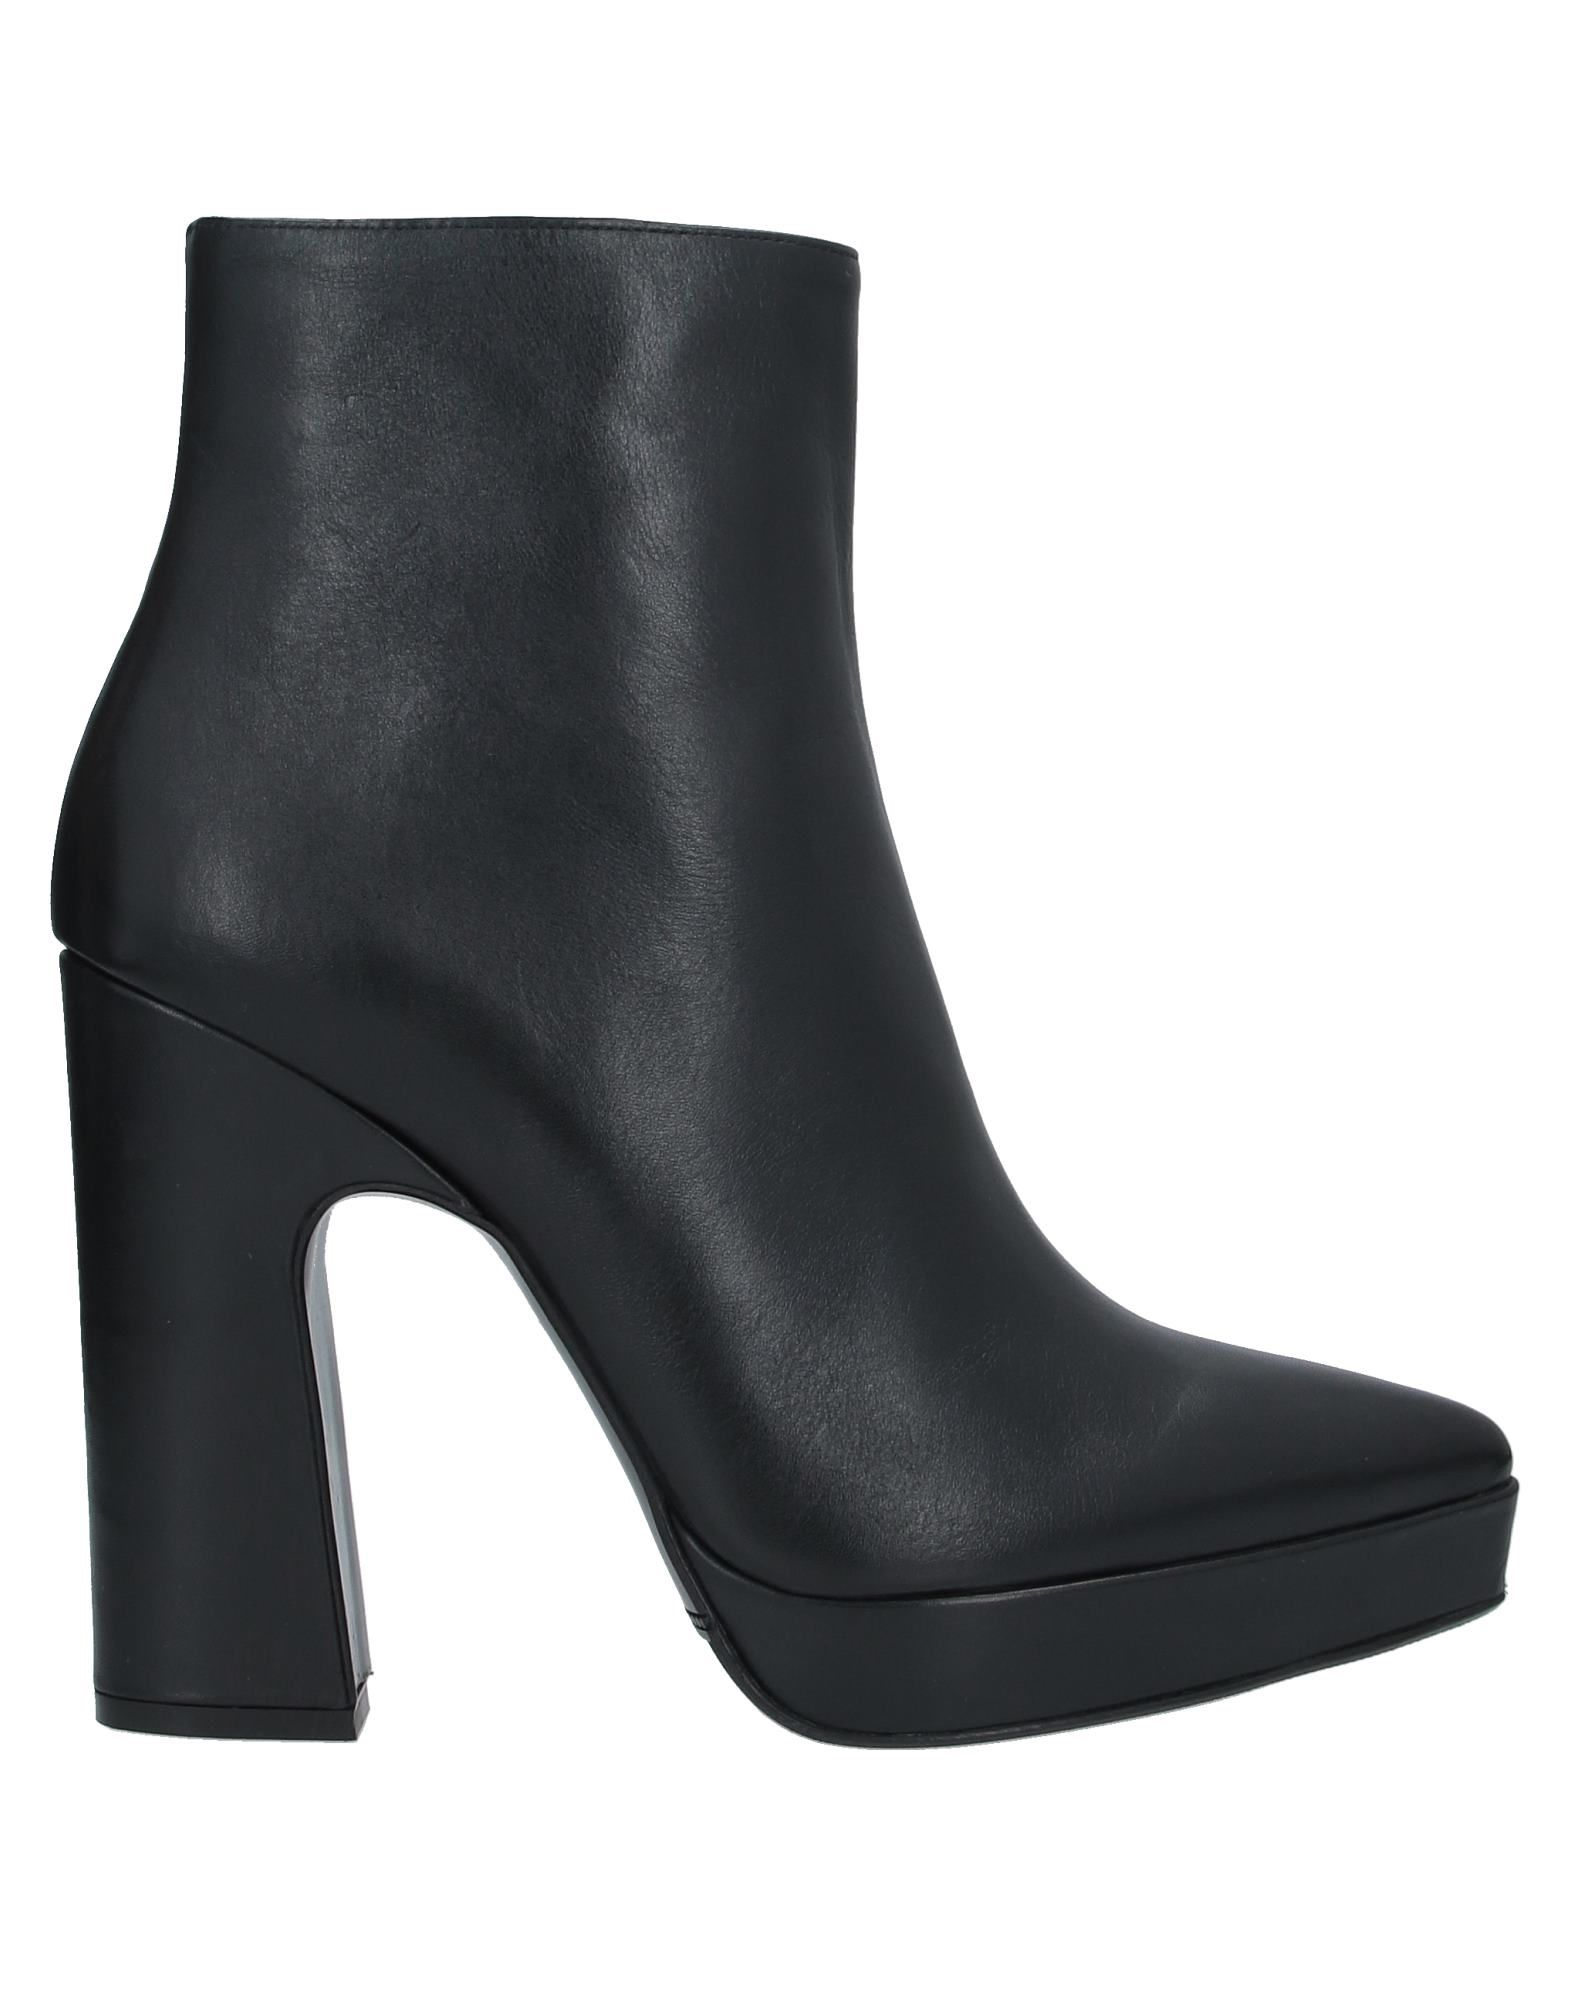 MARTINA T Полусапоги и высокие ботинки ботинки t taccardi размер 32 черный